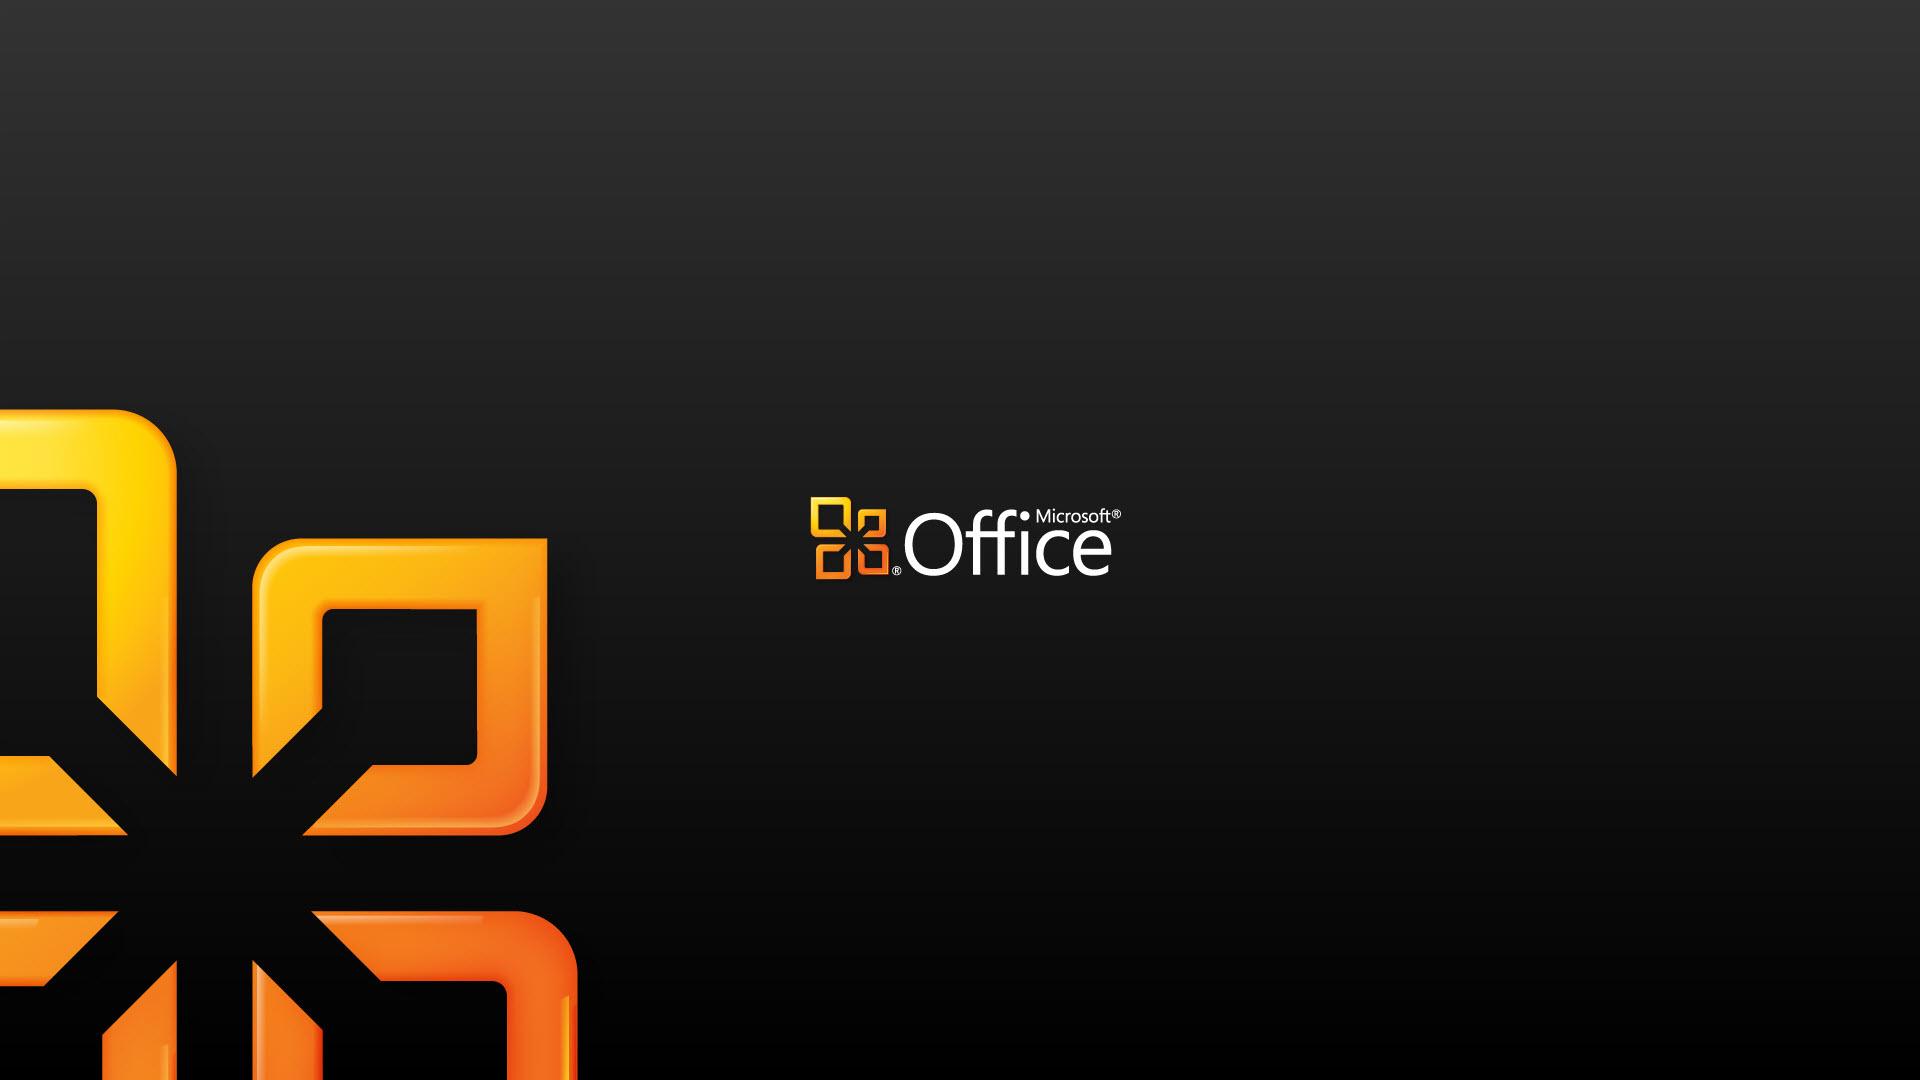 Microsoft Office Wallpapers Wallpapersafari